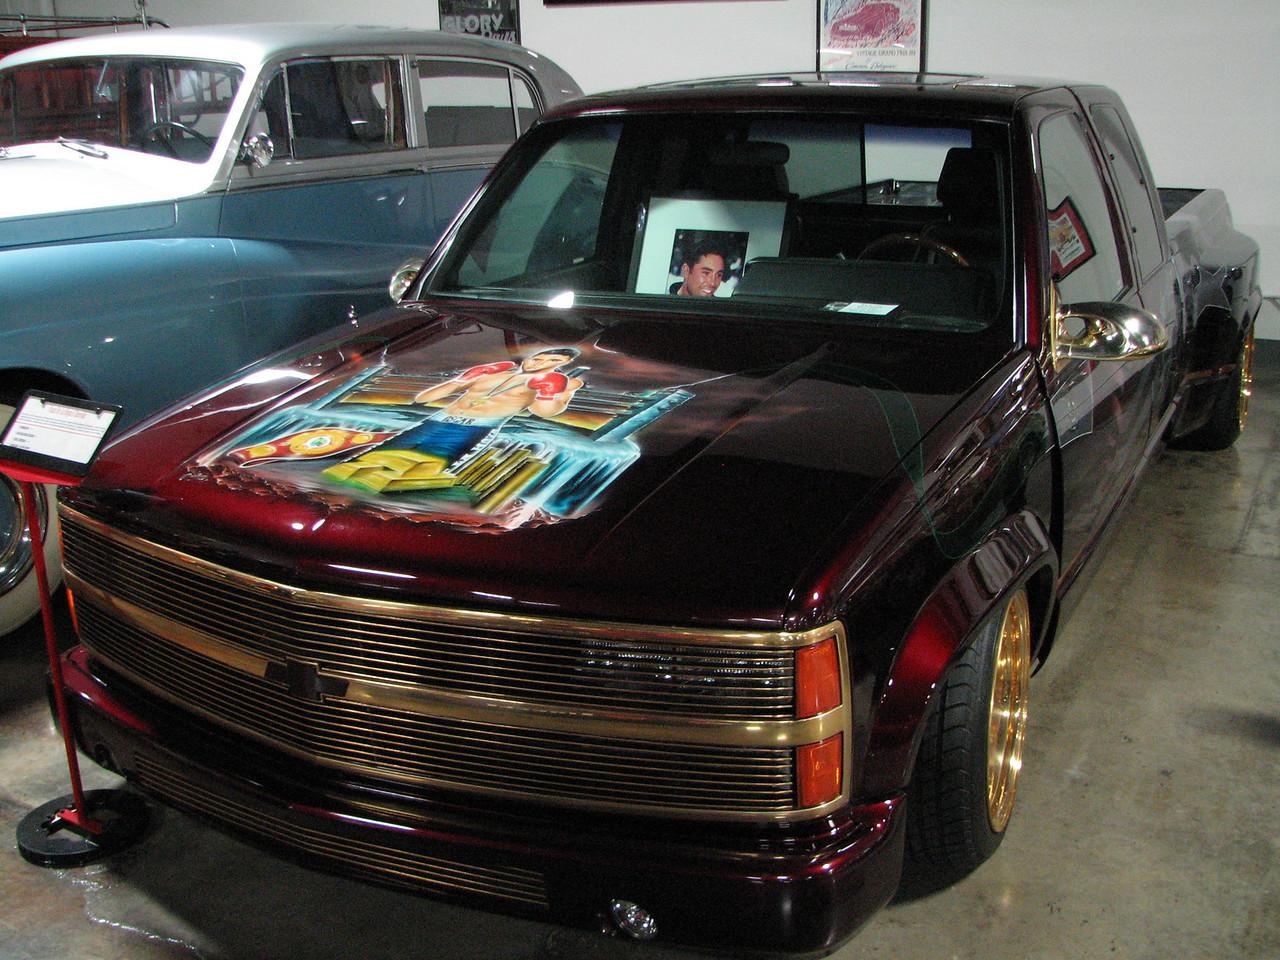 2008 06 10 Tue - Oscar De La Hoya's Chevy truck